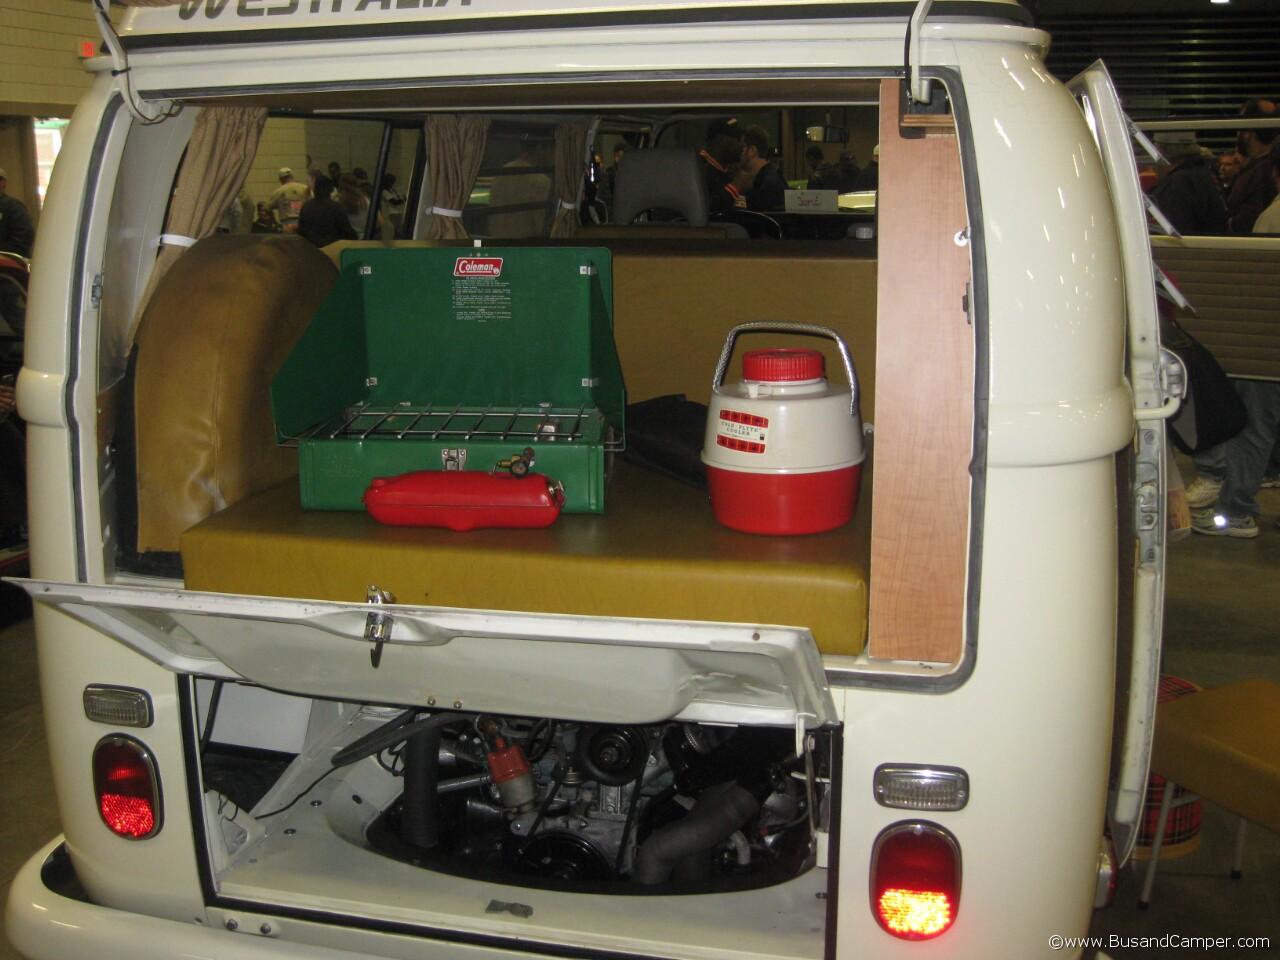 Westfalia earlybay rear hatch